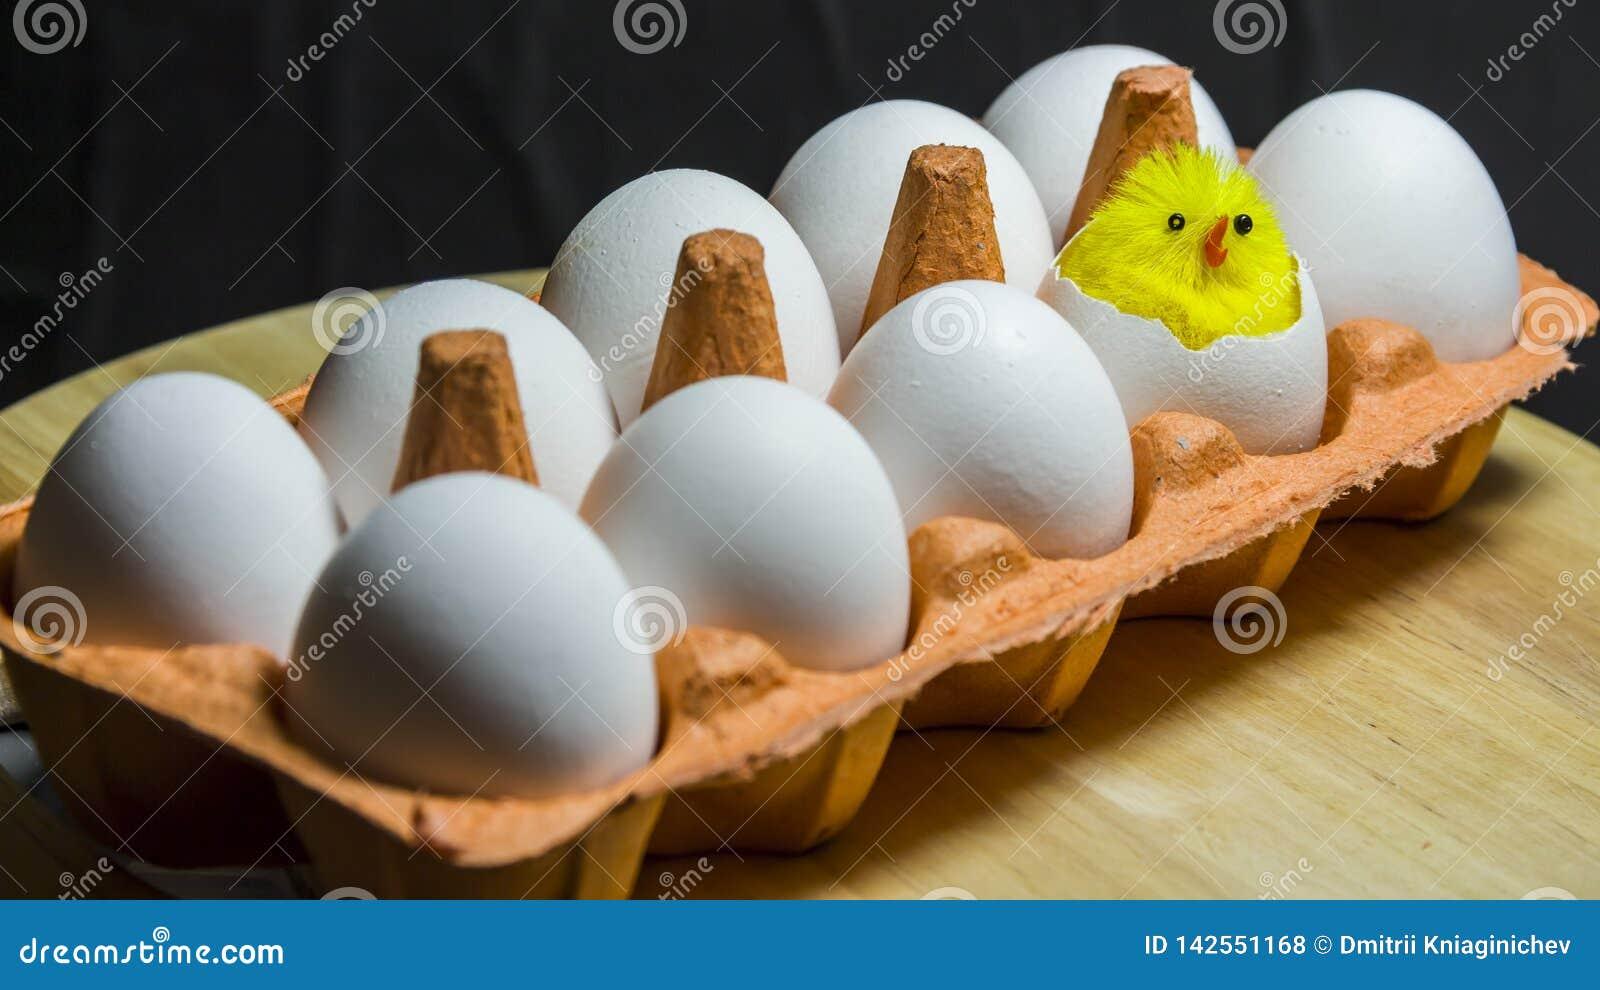 W kartonie są dziesięć jajek Mały kurczątko klujący się od jeden jajka Pojęcie jest narodziny nowy życie